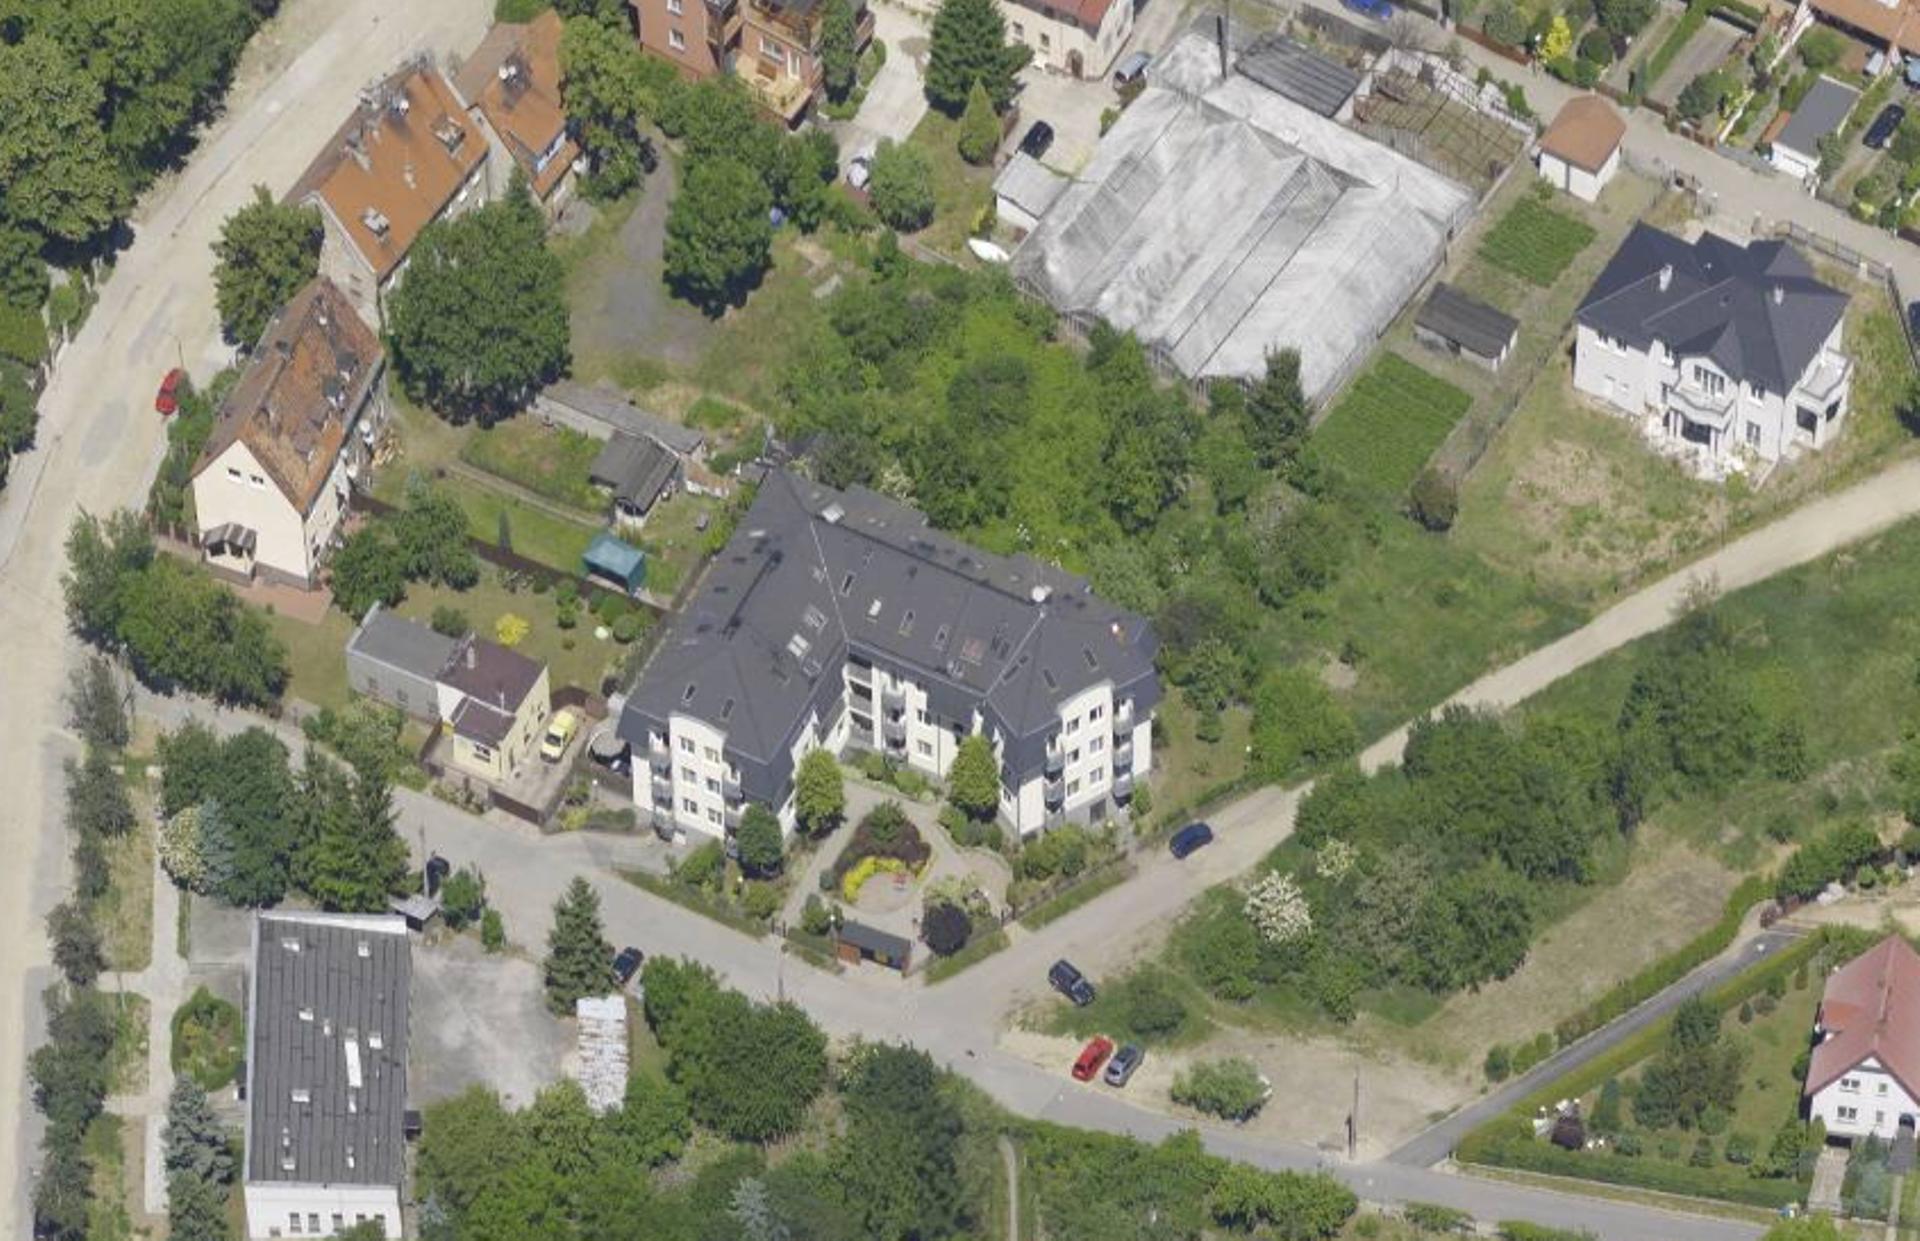 Wrocław: Narnia wybuduje mieszkania na Osobowicach. Kupiła miejskie działki